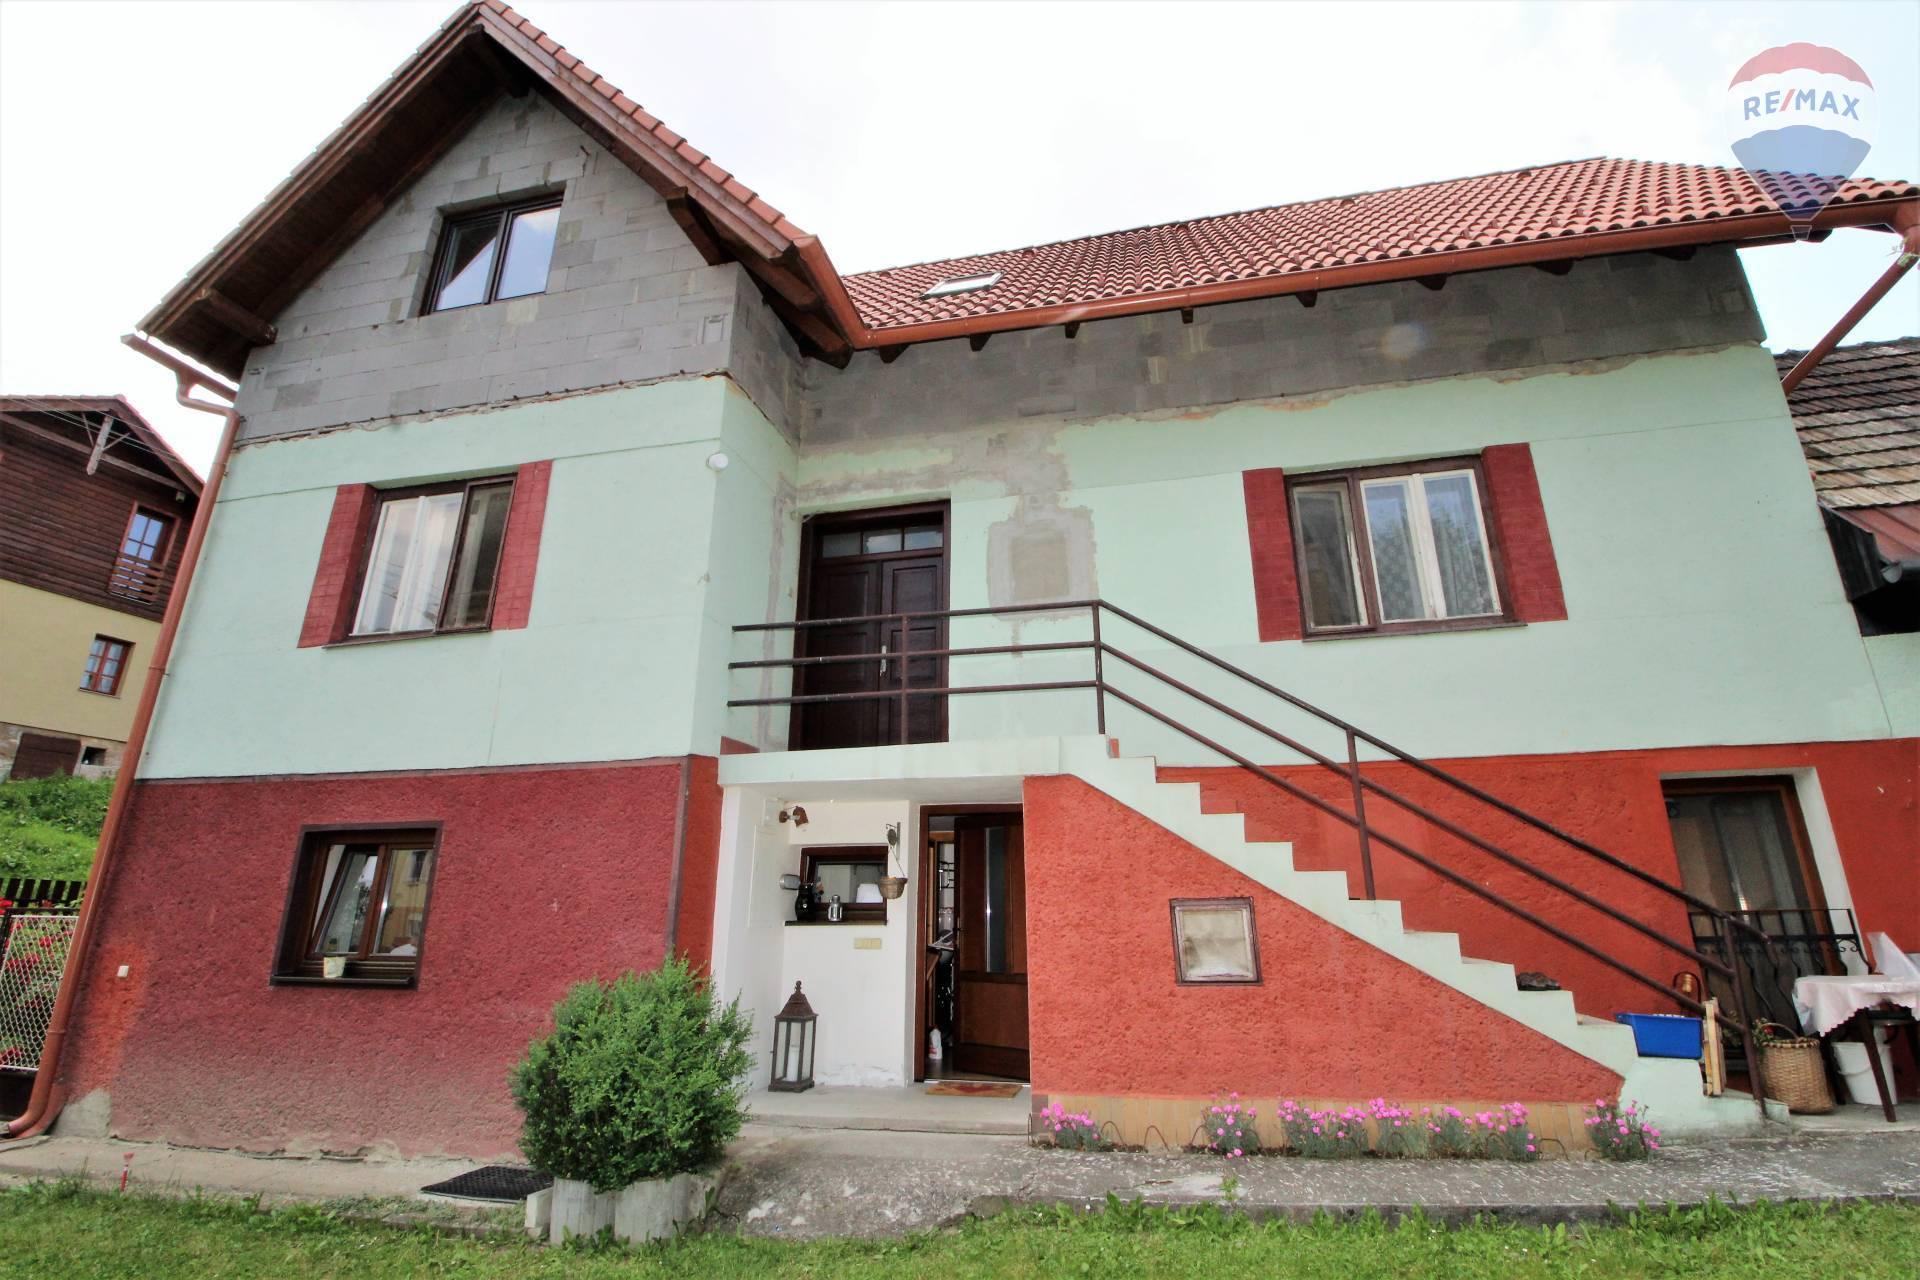 Predaj domu 160 m2, Dúbrava - Na predaj dom Dúbrava Liptov